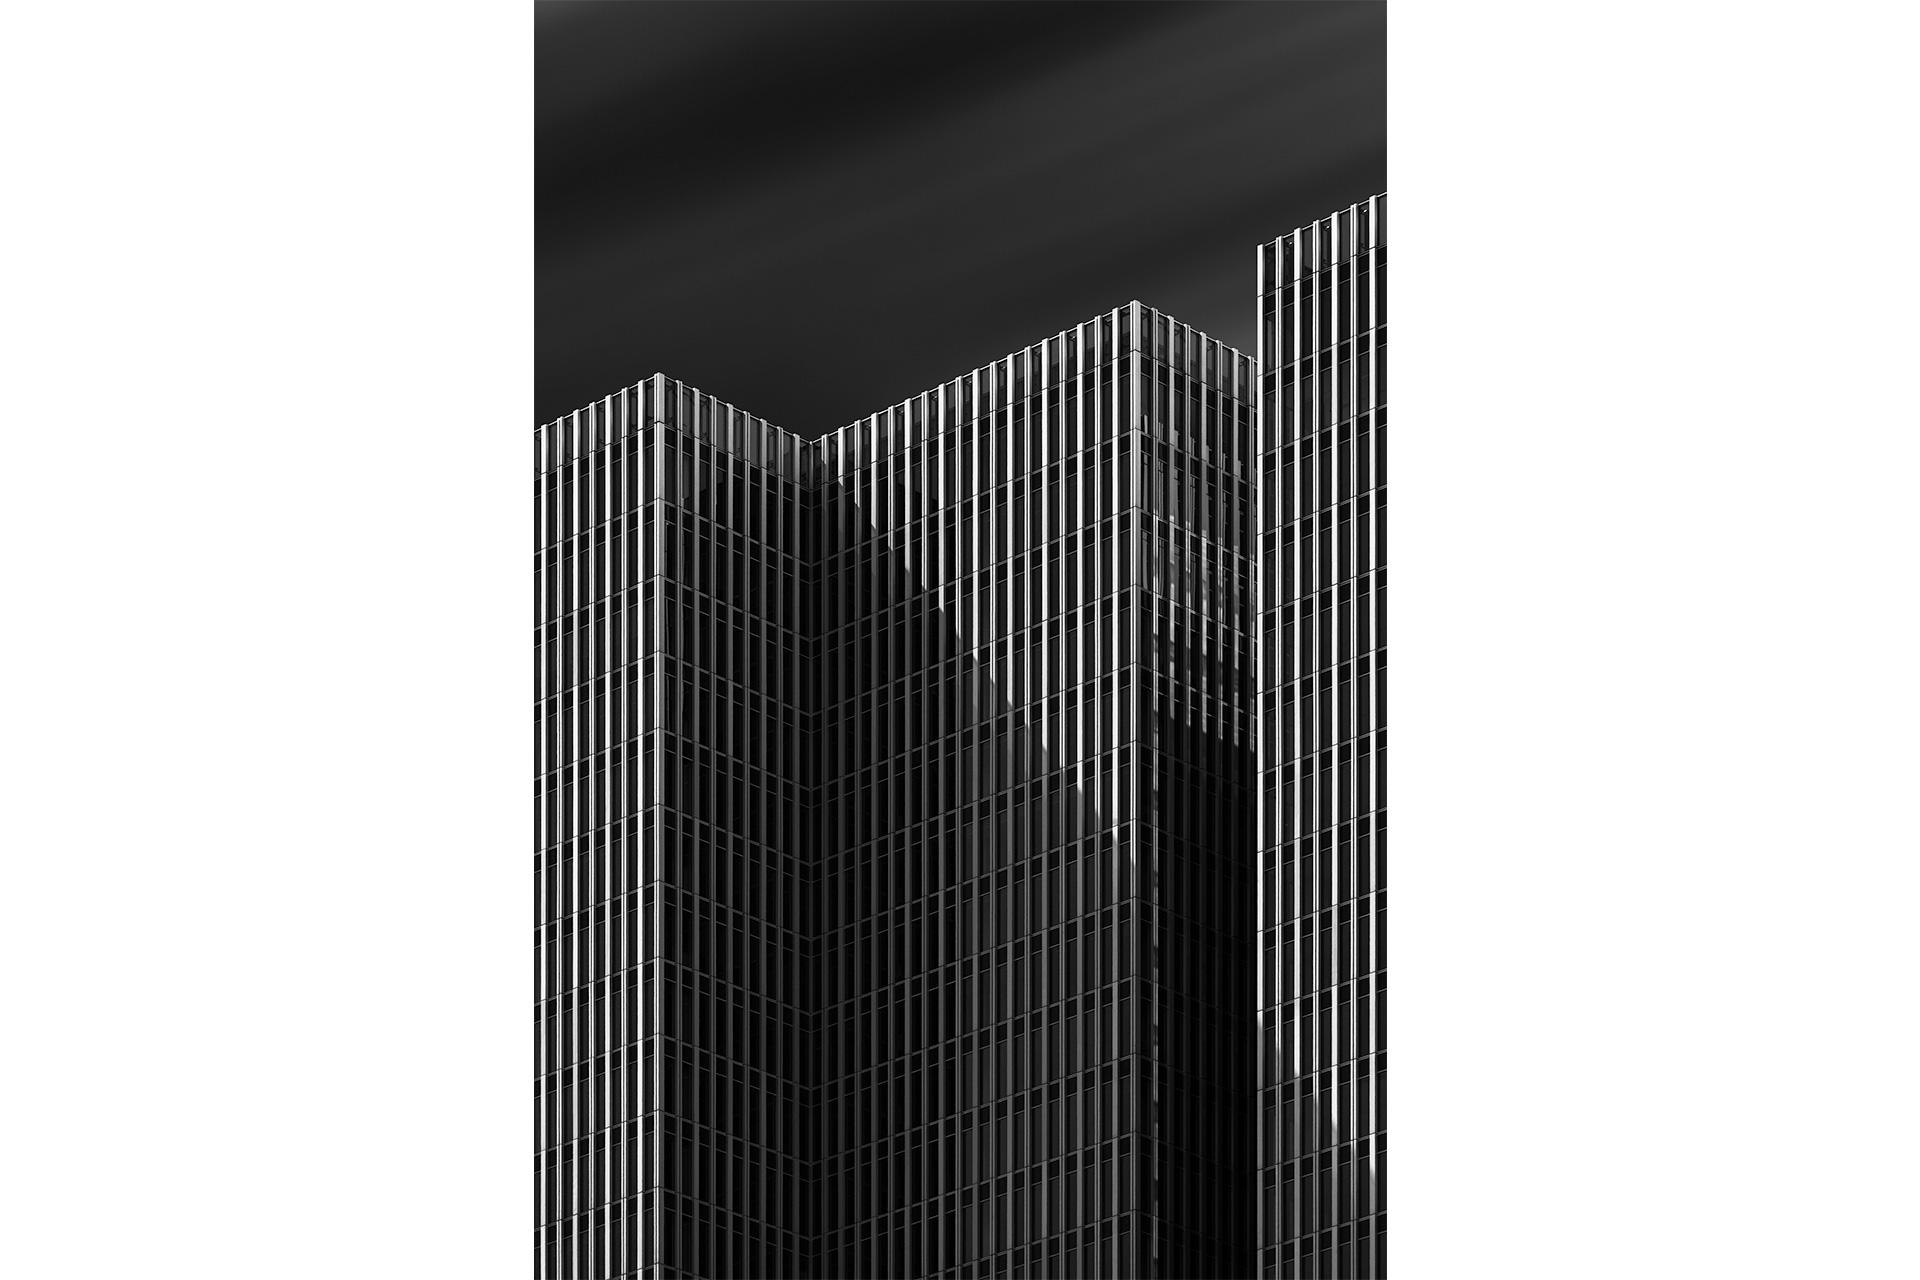 Stijn-Poelstra-Fading-Architecture-2